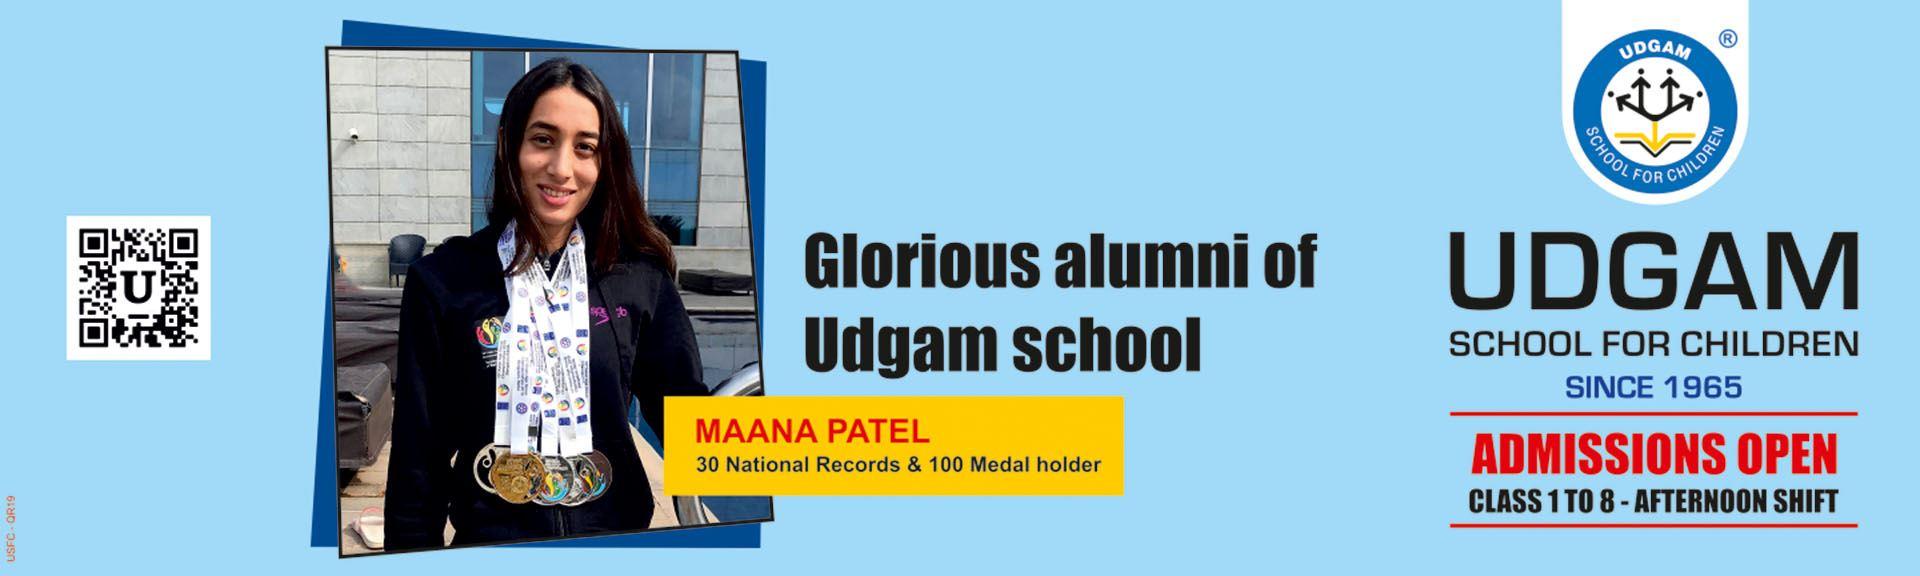 Udgam School for Children